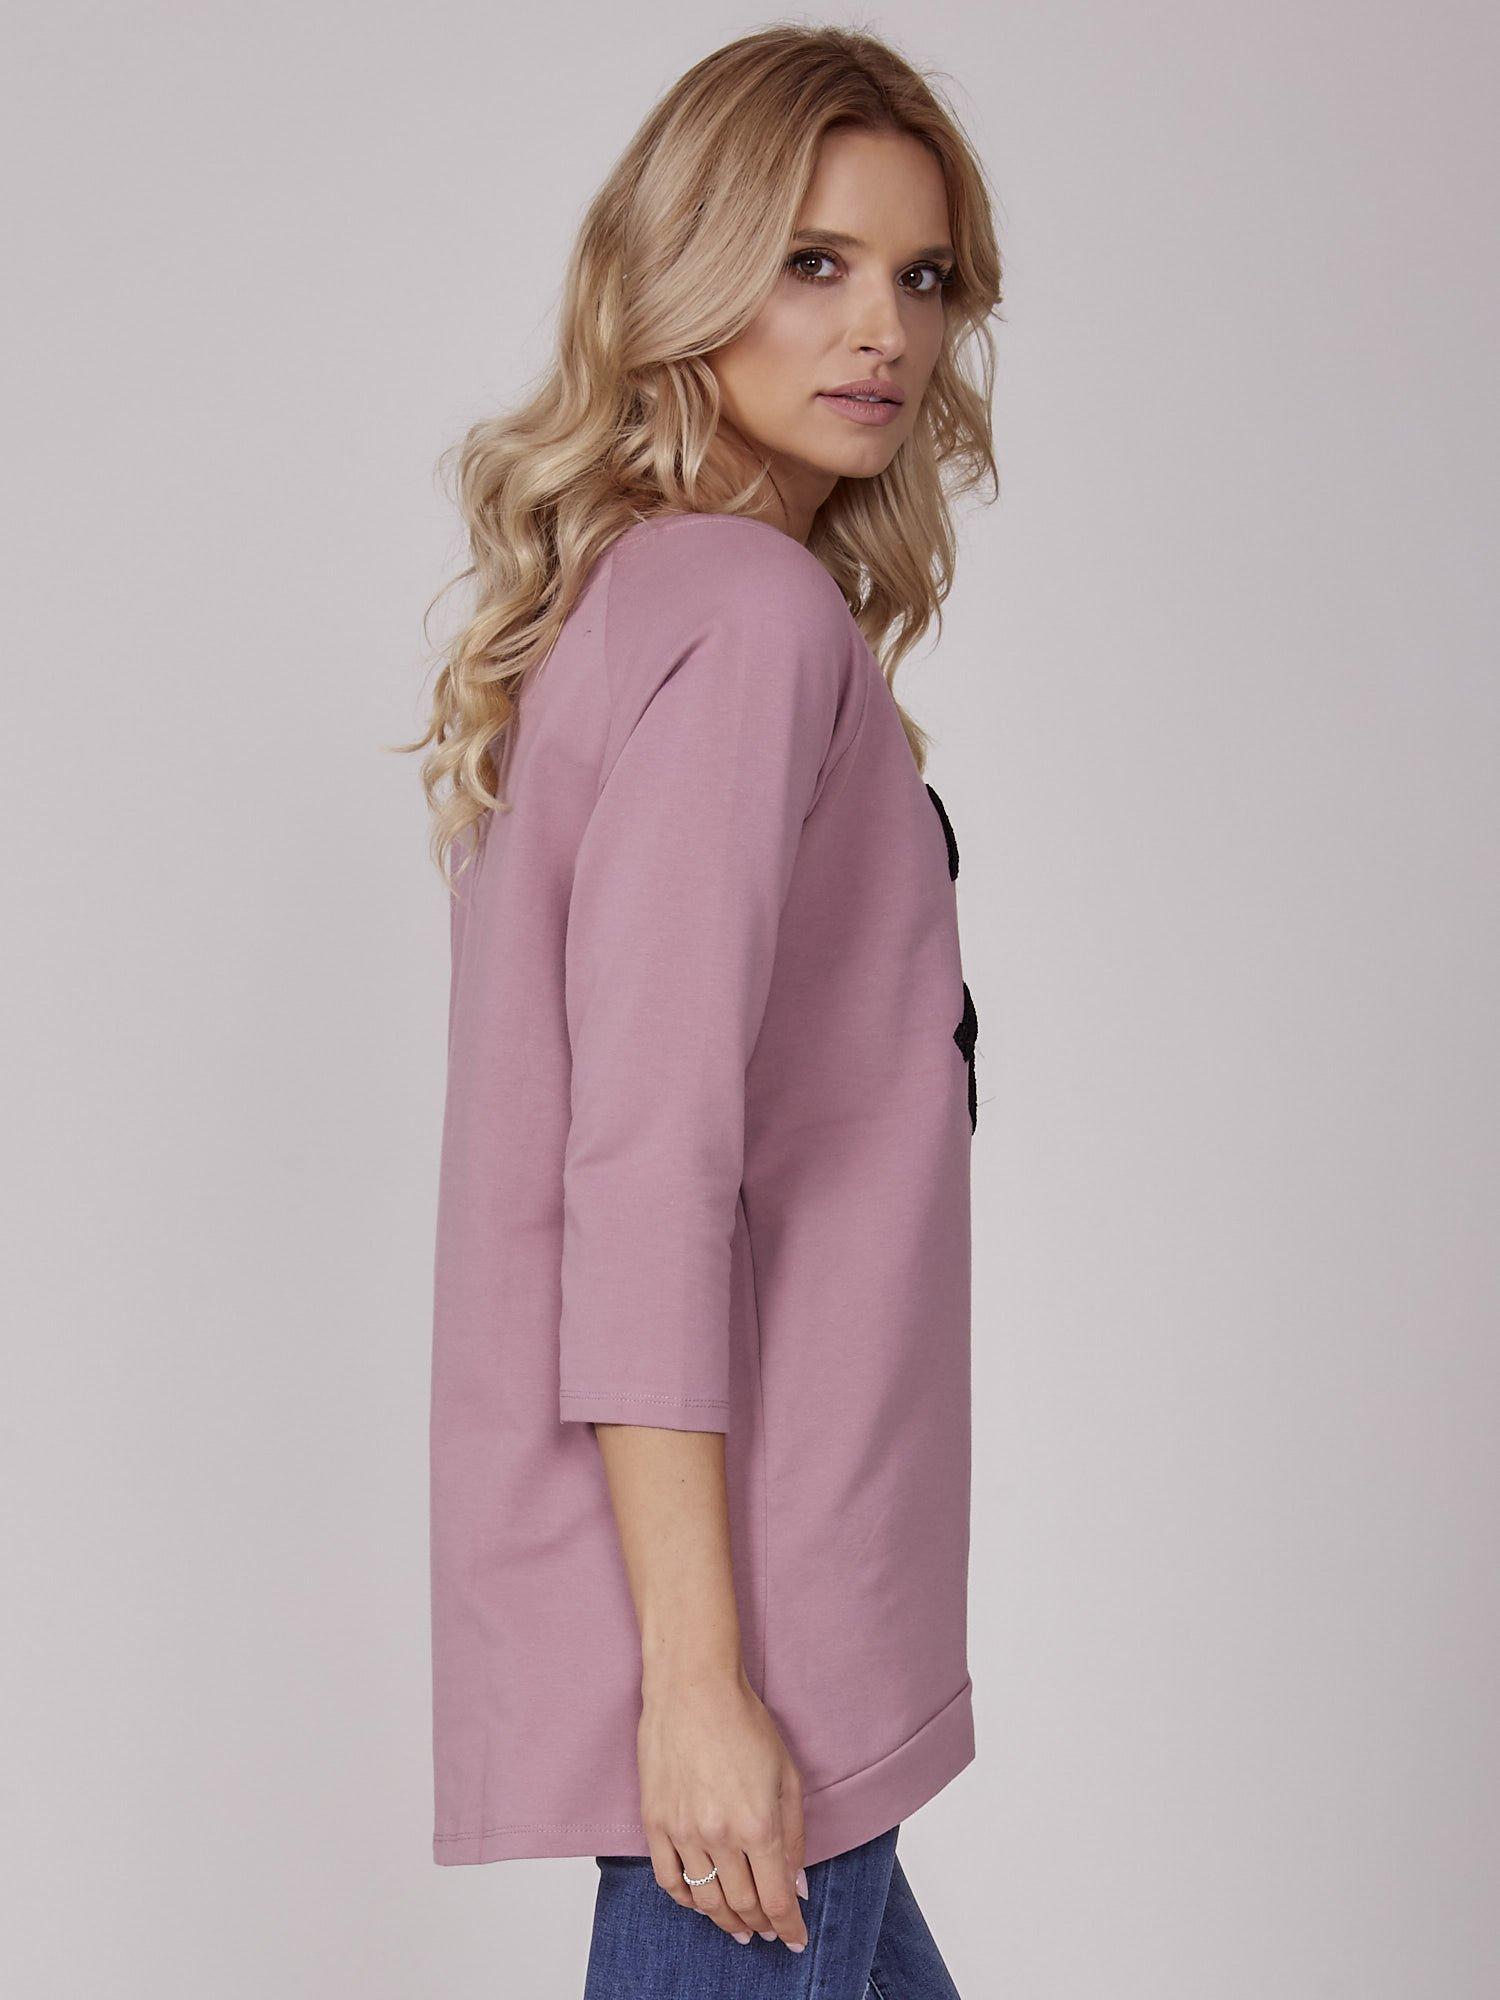 301db8d997 Fioletowa tunika z wypukłym napisem - Bluzka one size - sklep eButik.pl